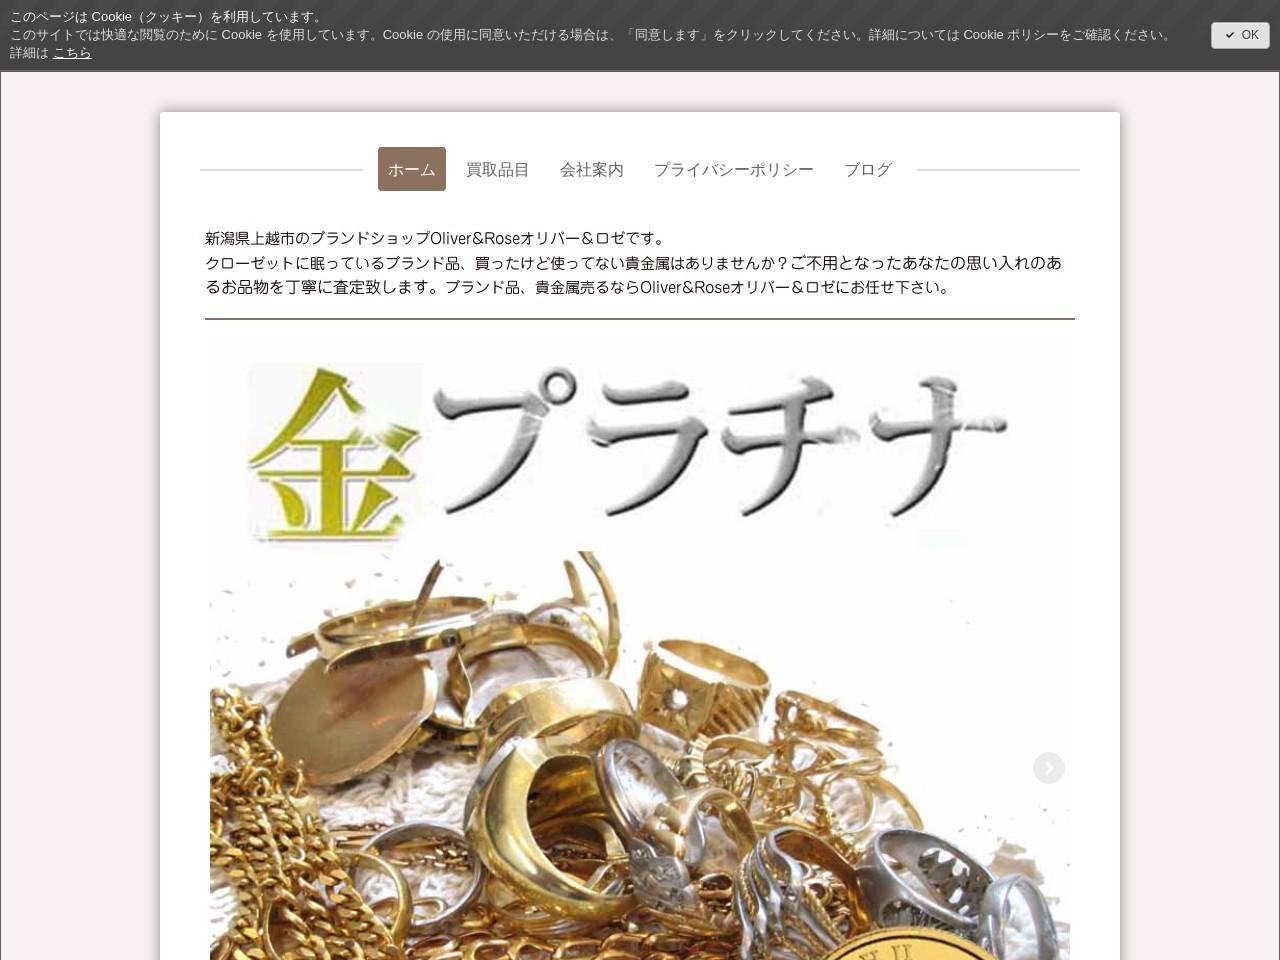 新潟県上越市 ブランド 貴金属 買取 販売 Oliver&Rose オリバー&ロゼ - oliver-rose ページ!